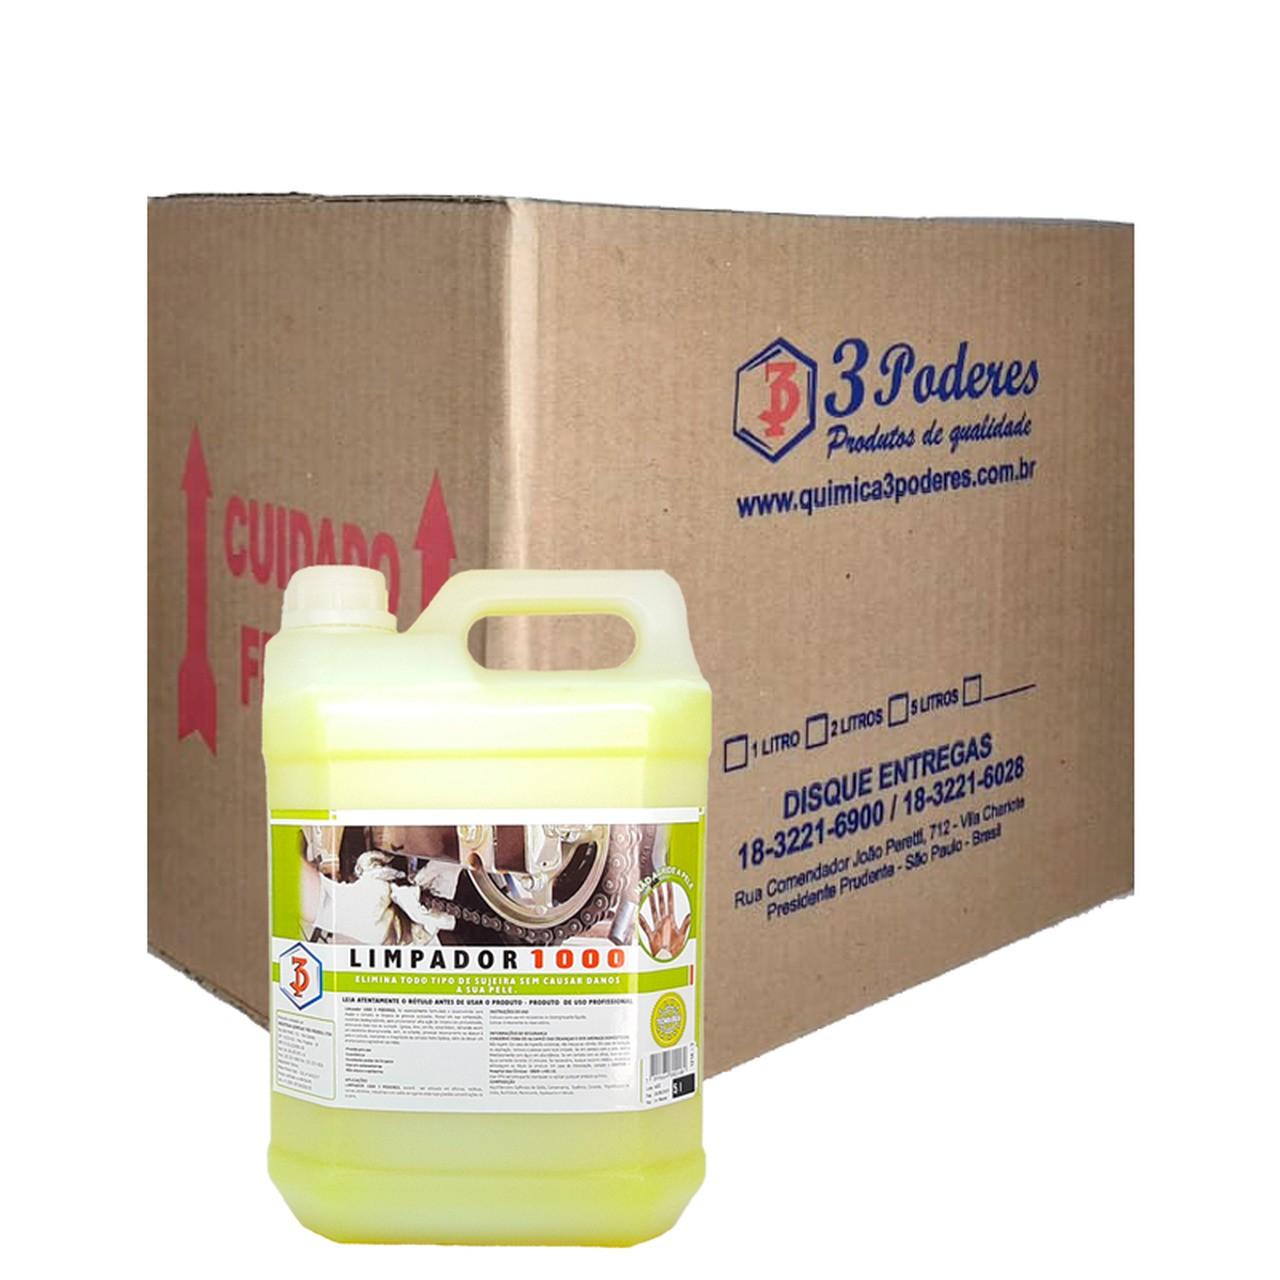 Limpador 1000 3 Poderes 5LTS - Desengraxante para as Mãos com esfoliante cosmético - Caixa com 4 Un.